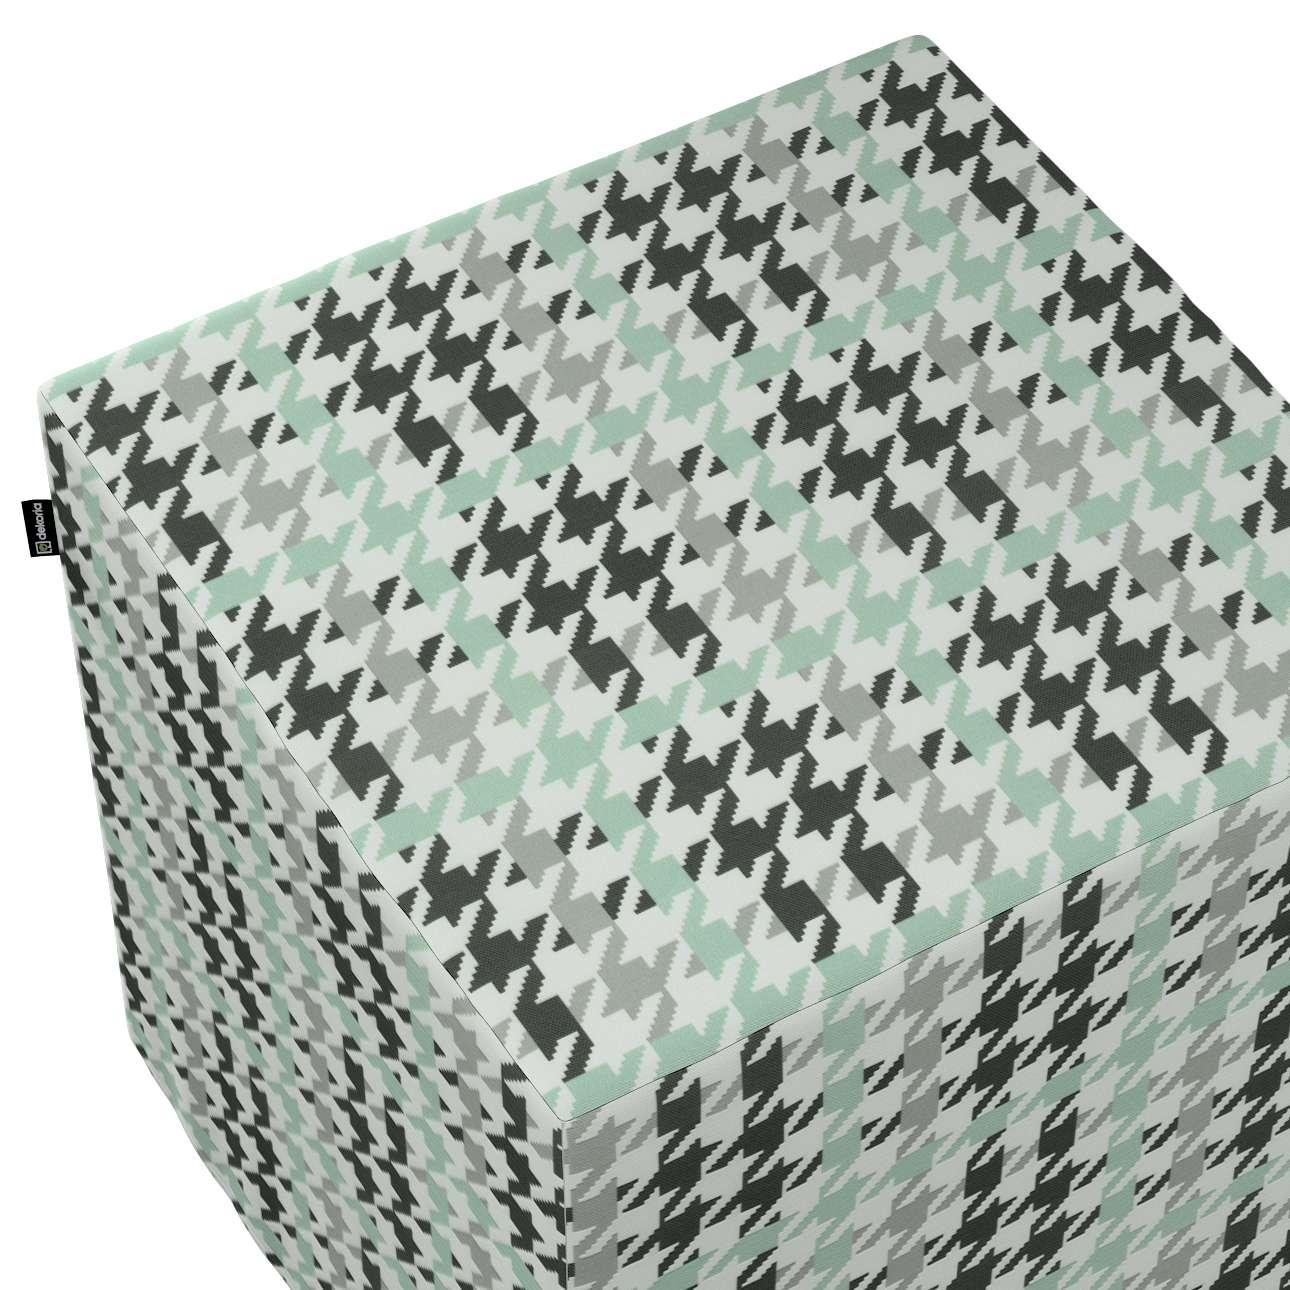 Pokrowiec na pufę kostkę w kolekcji Wyprzedaż do -50%, tkanina: 137-77